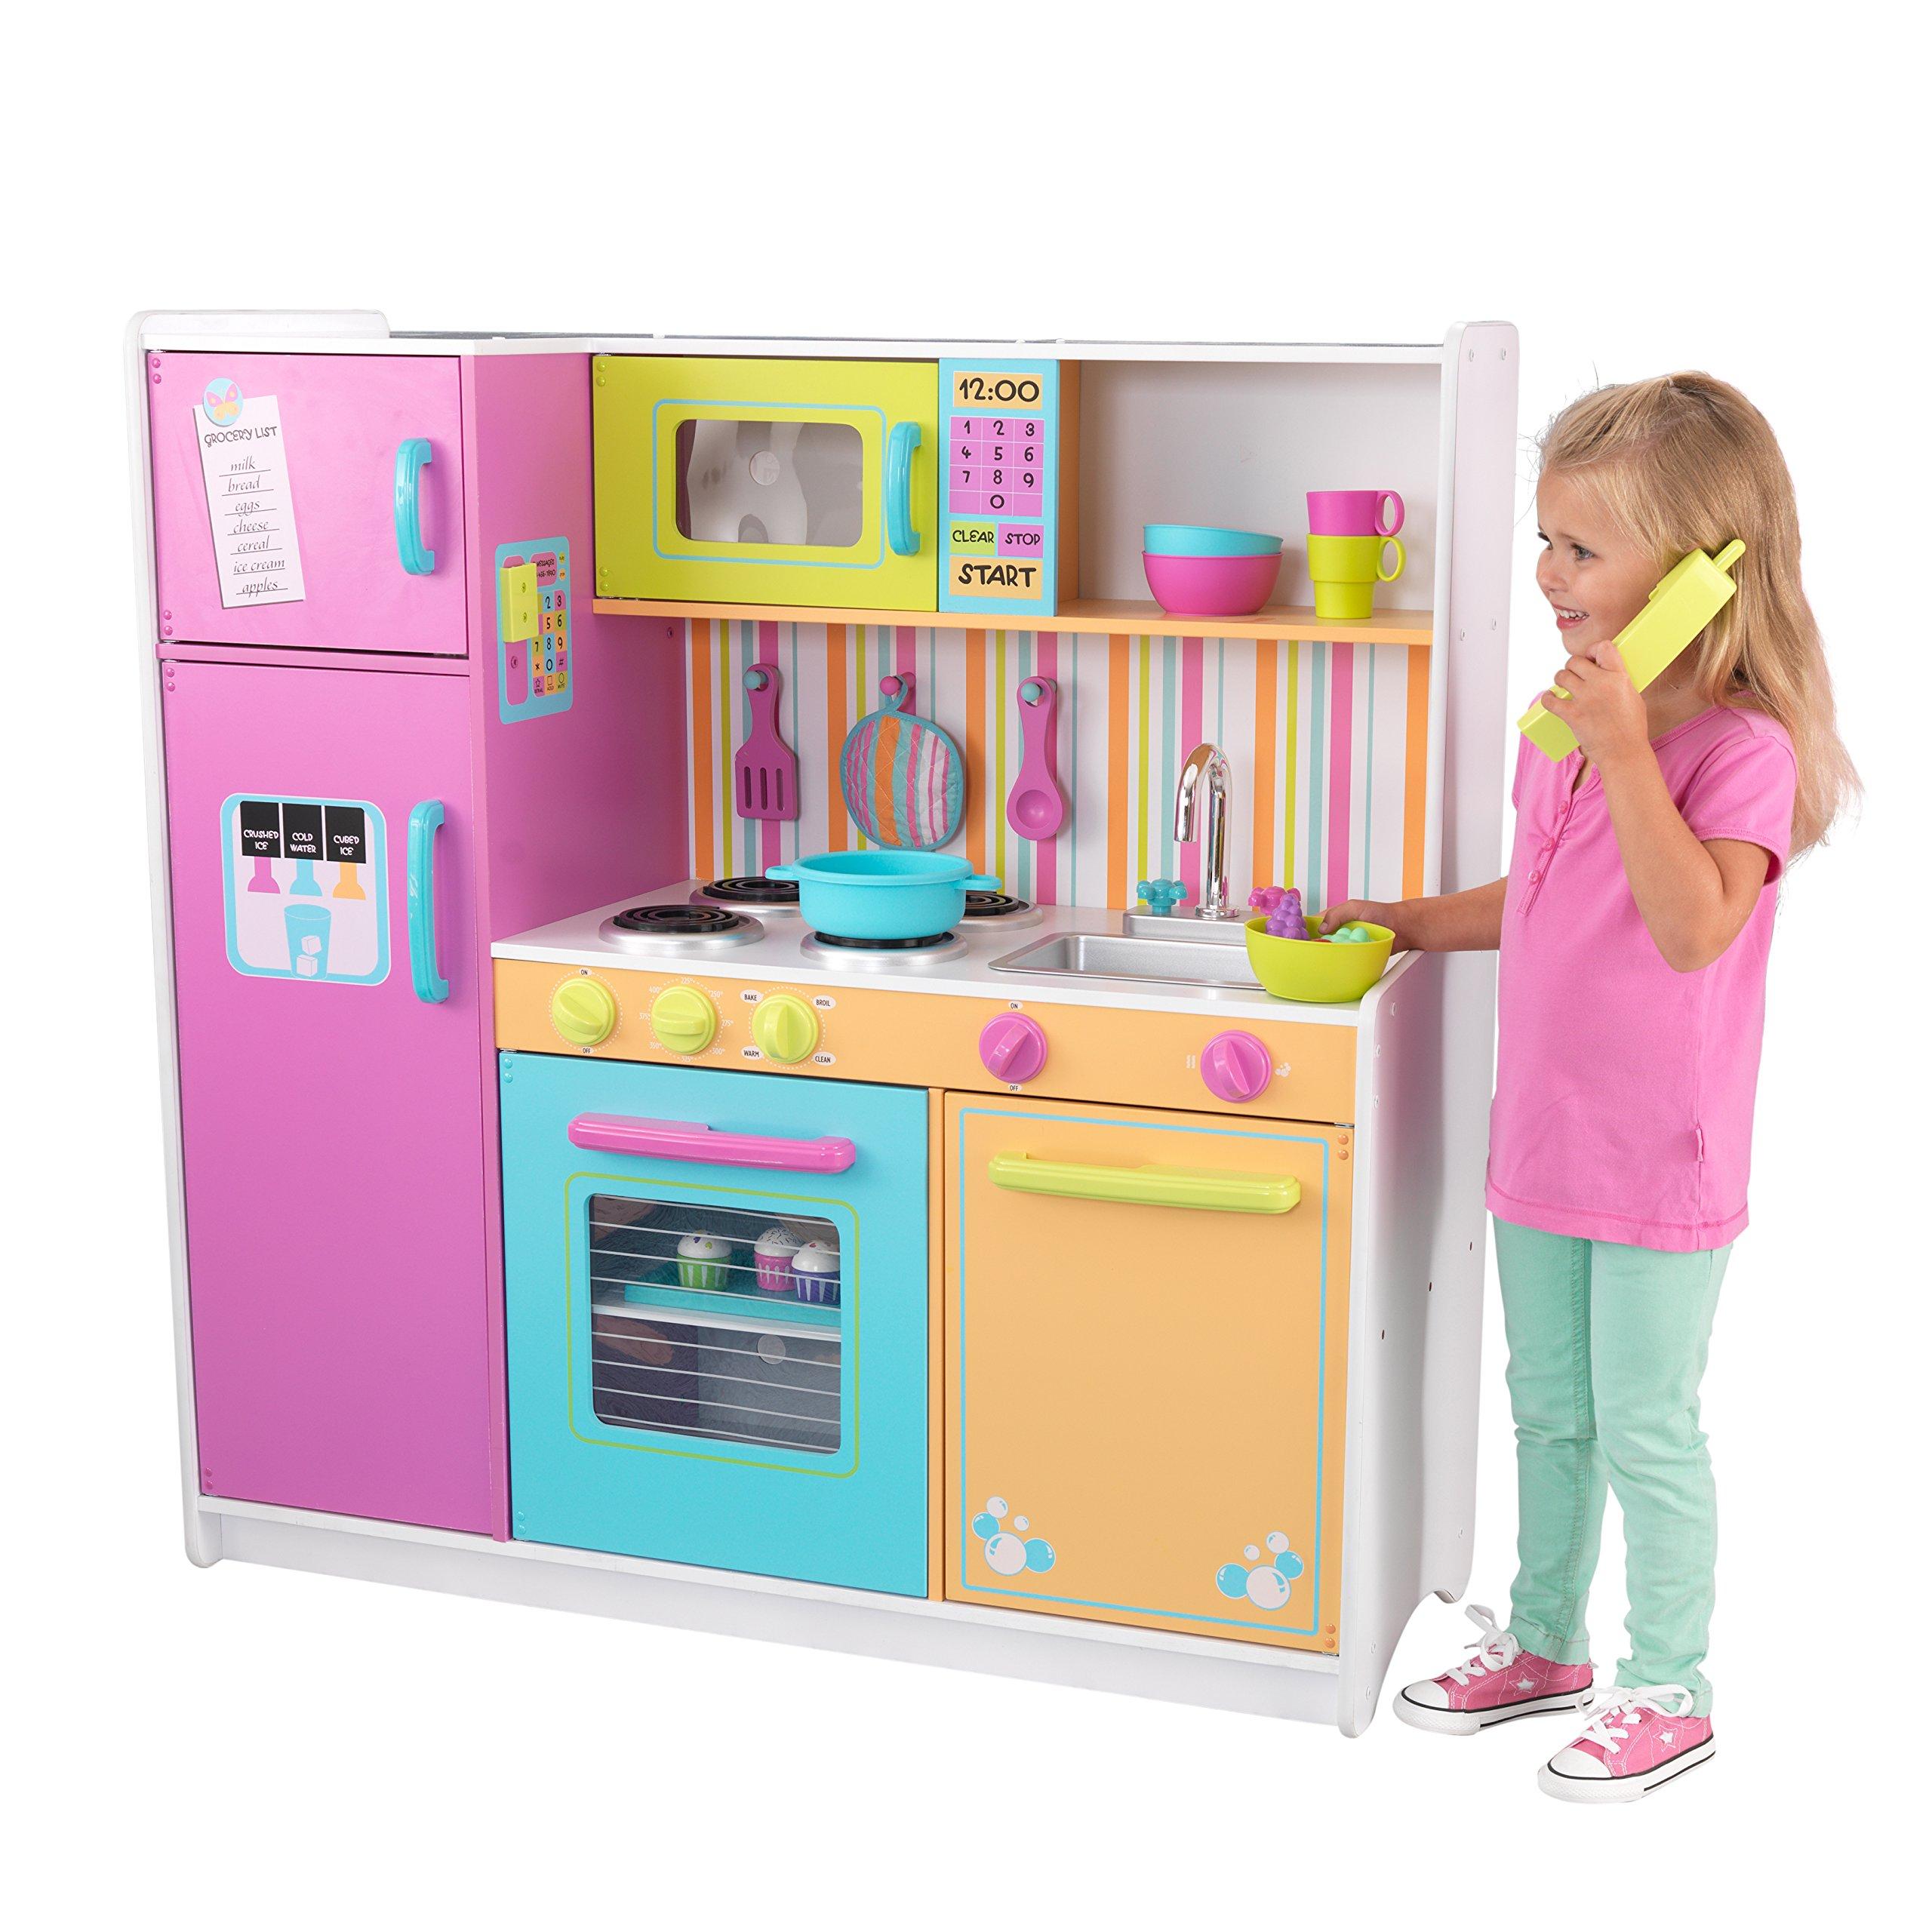 KidKraft 53100 Cucina giocattolo in legno per bambini Deluxe Big and Bright  con telefonino e accessori di gioco inclusi - Colori vivaci - Giochi Legno